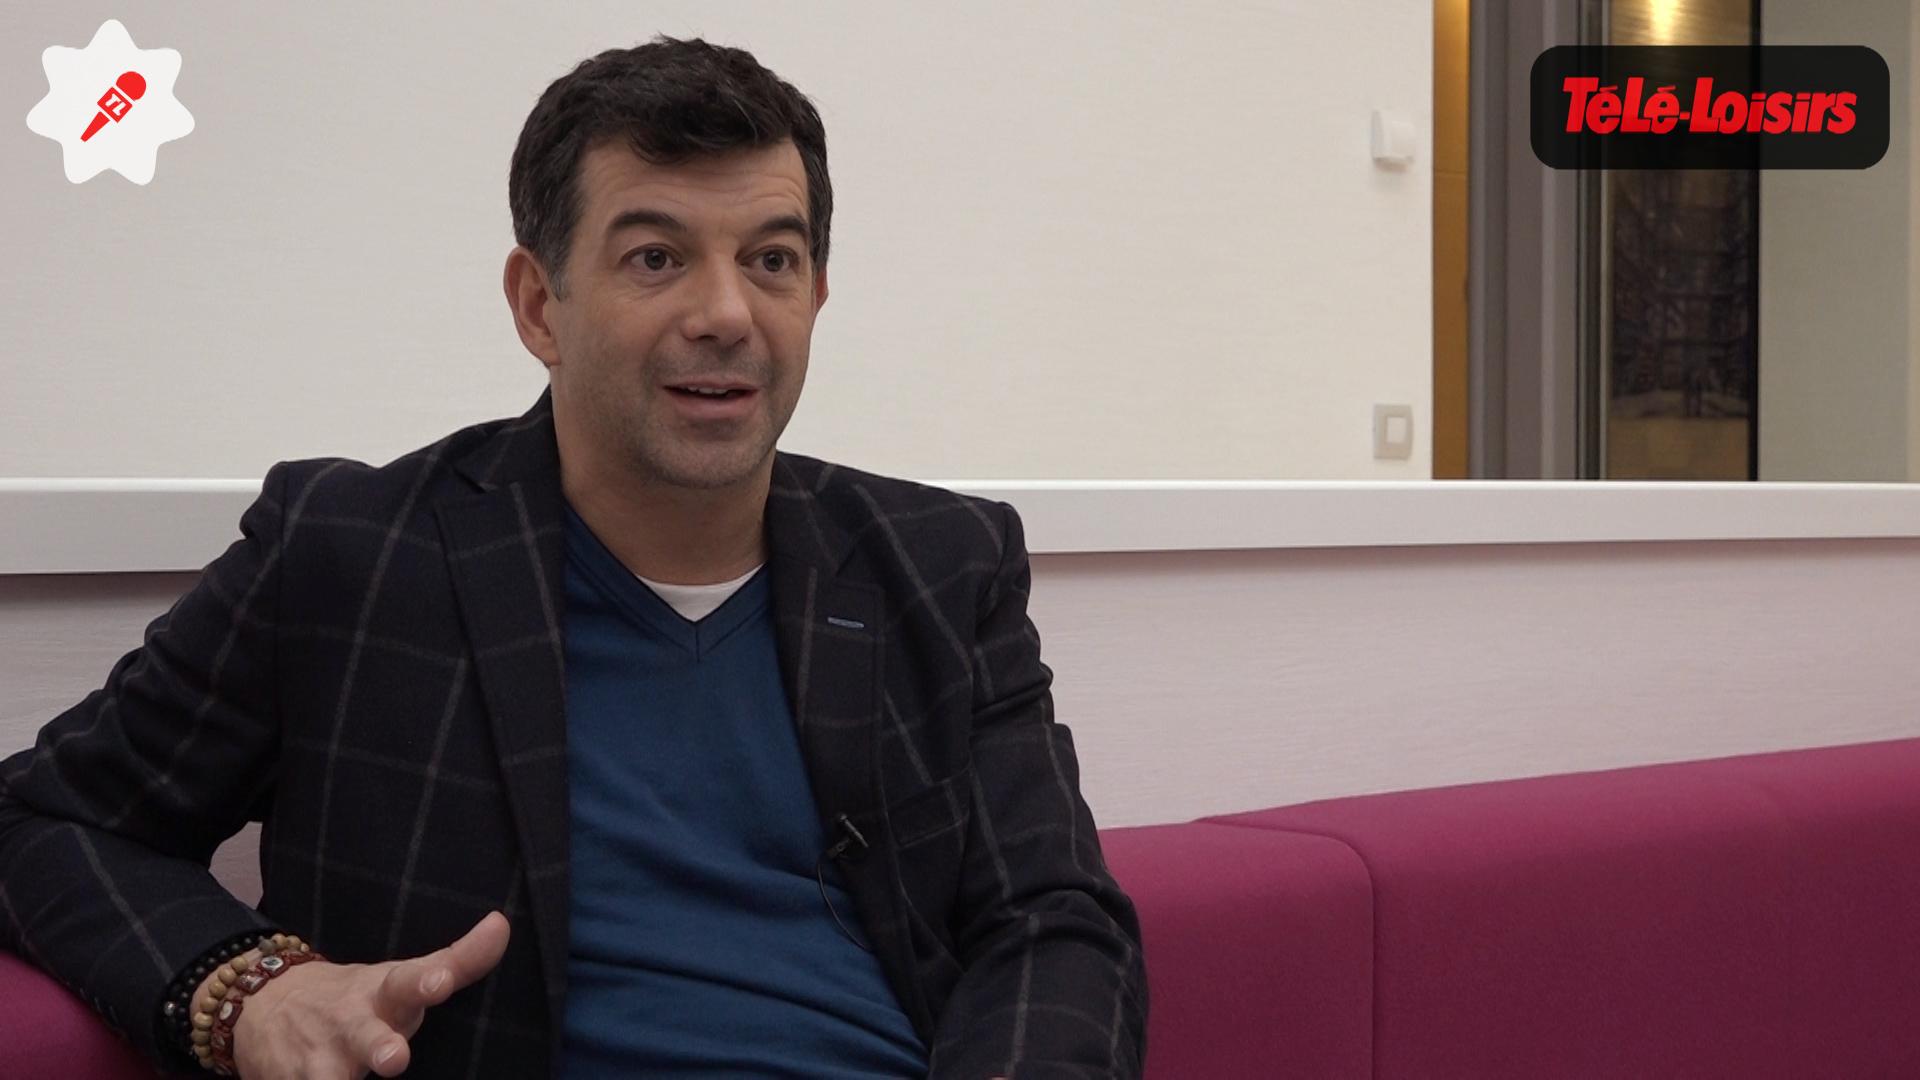 Architecte Maison A Vendre M6 #9: Marvelous Maison A Vendre M6 Qui Paye #5: Stéphane Plaza Répond à Toutes  Vos Questions Sur Maison à Vendre (VIDEO)